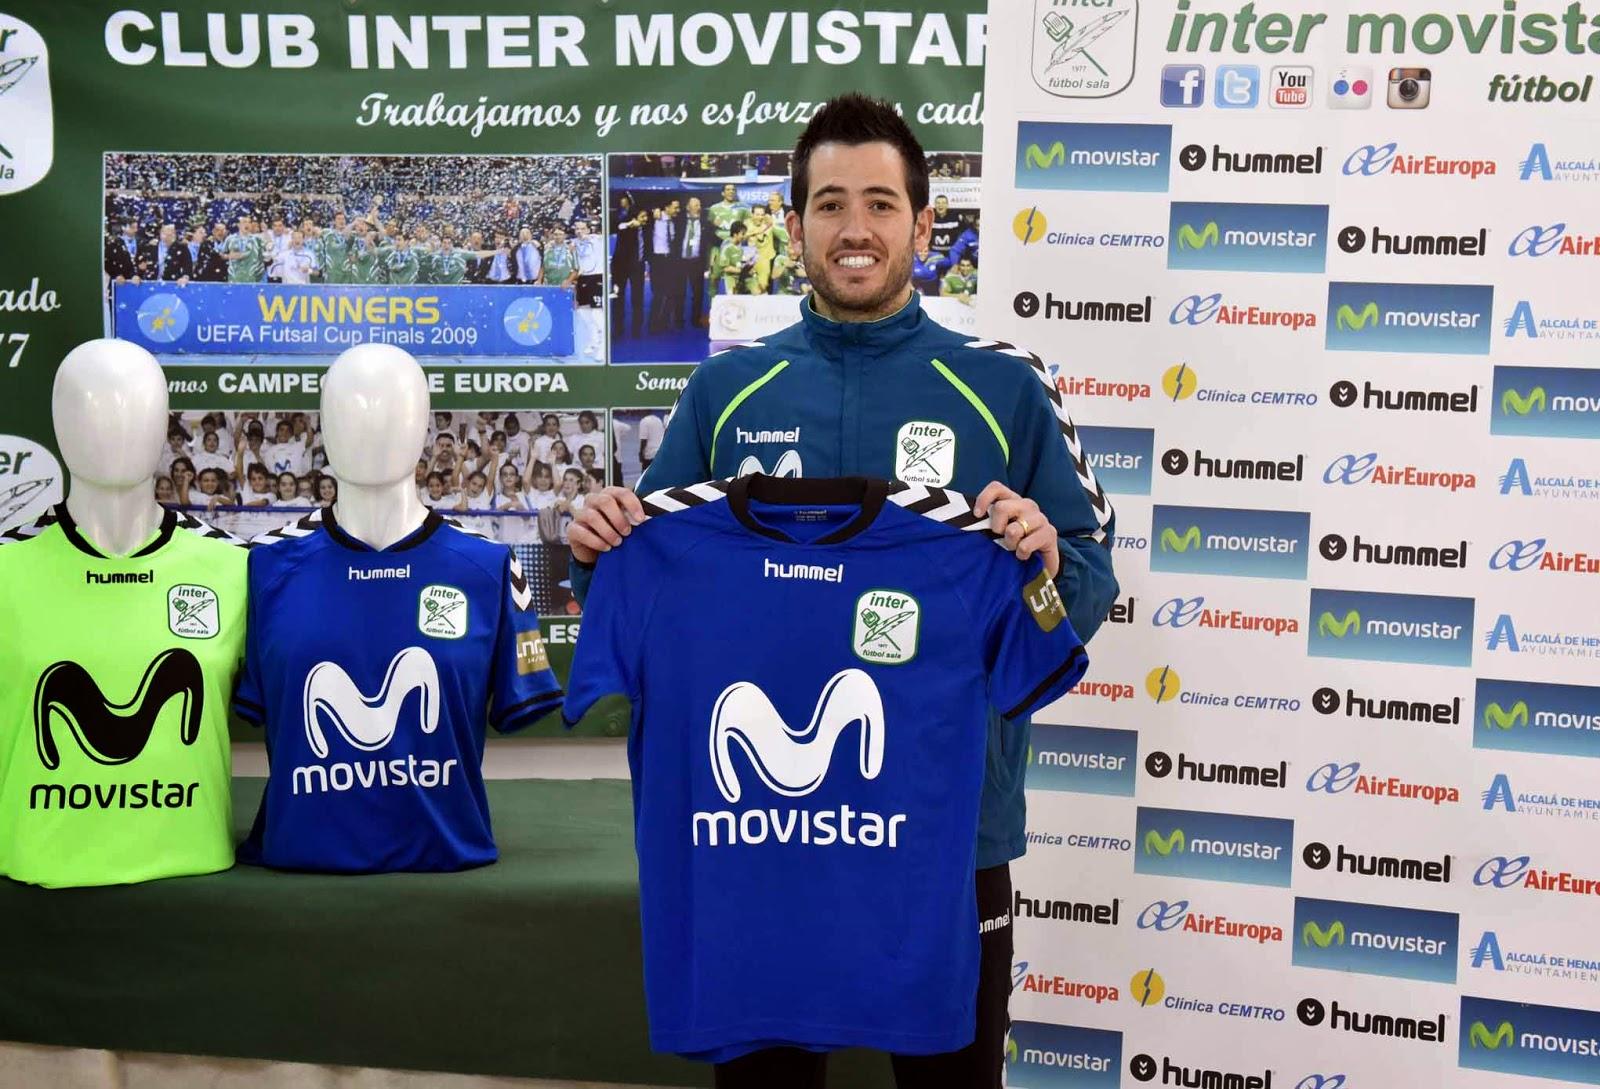 Inter Movistar Fútbol Sala hace oficial la renovación de contrato de Rafael  França Bezerra hasta el 30 de junio de 2018. De esta manera 8e79a60daeabb